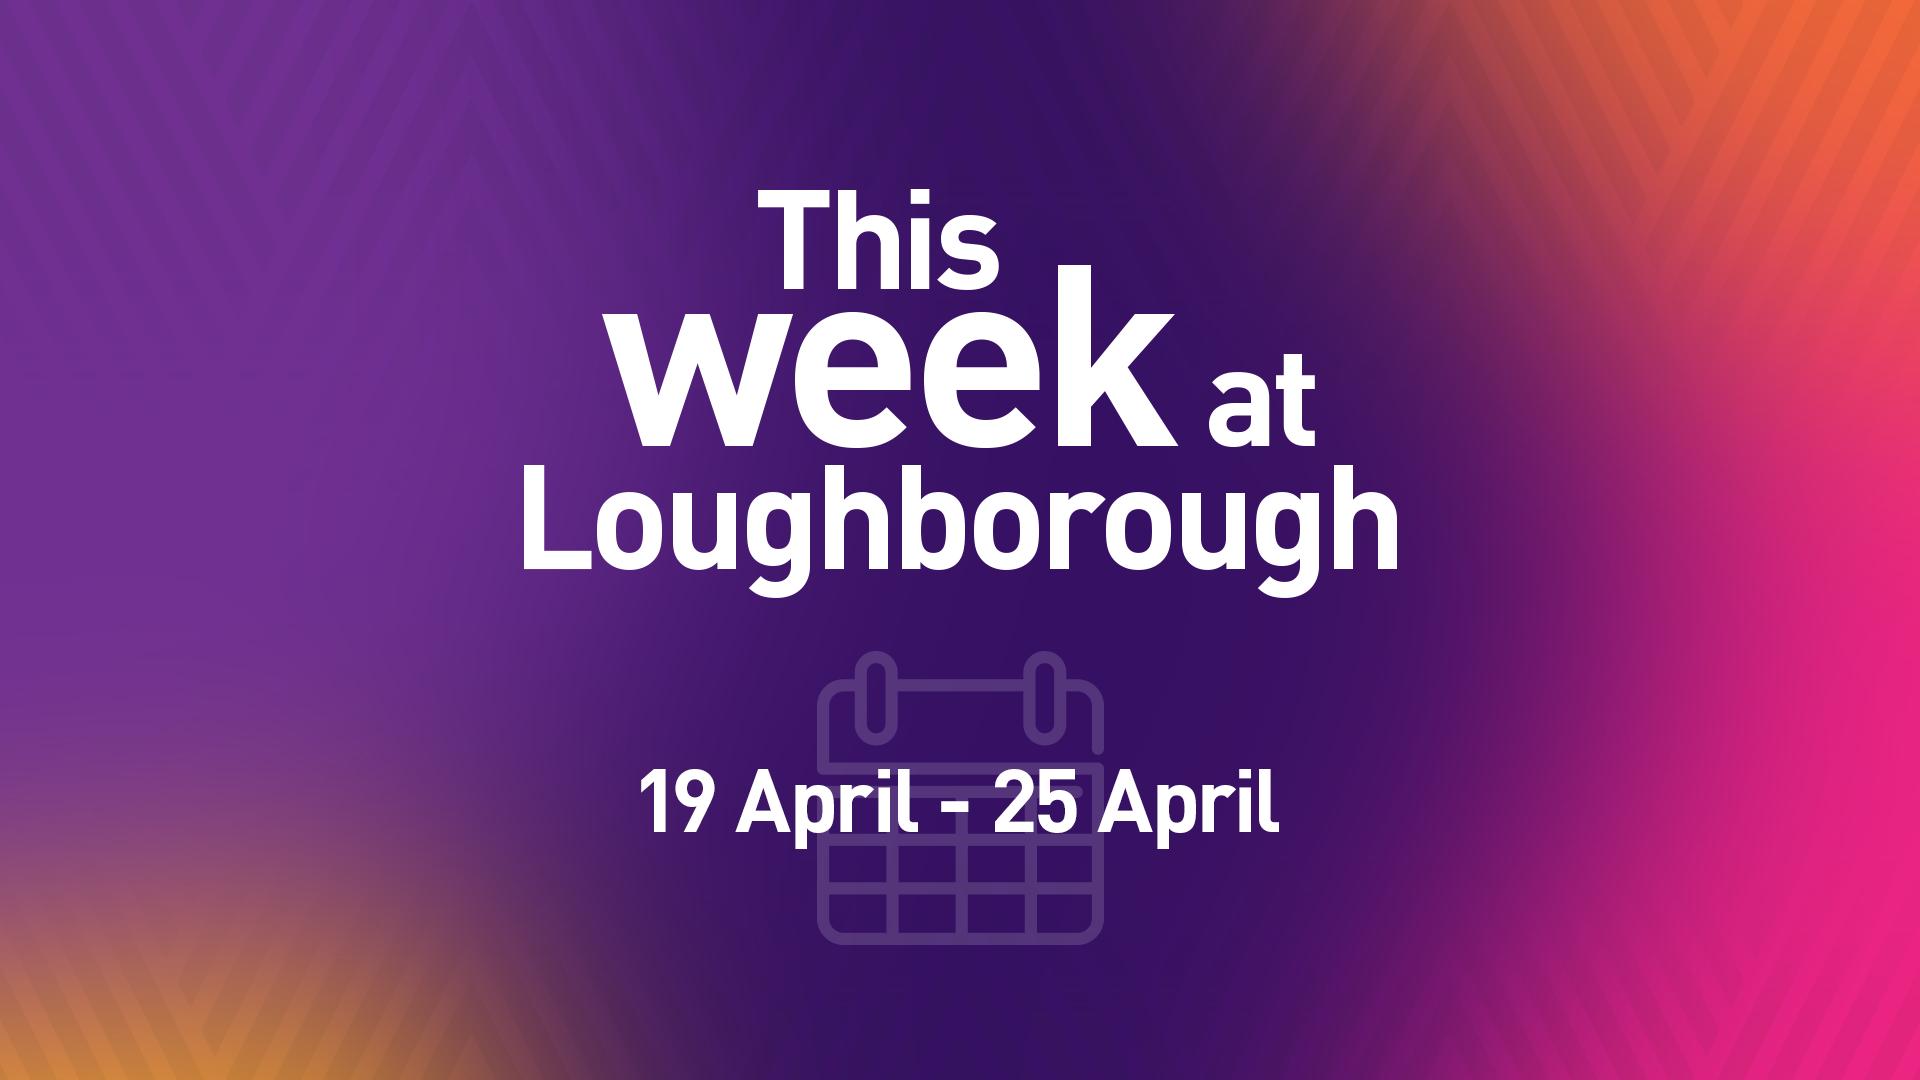 This Week at Loughborough | 19 April